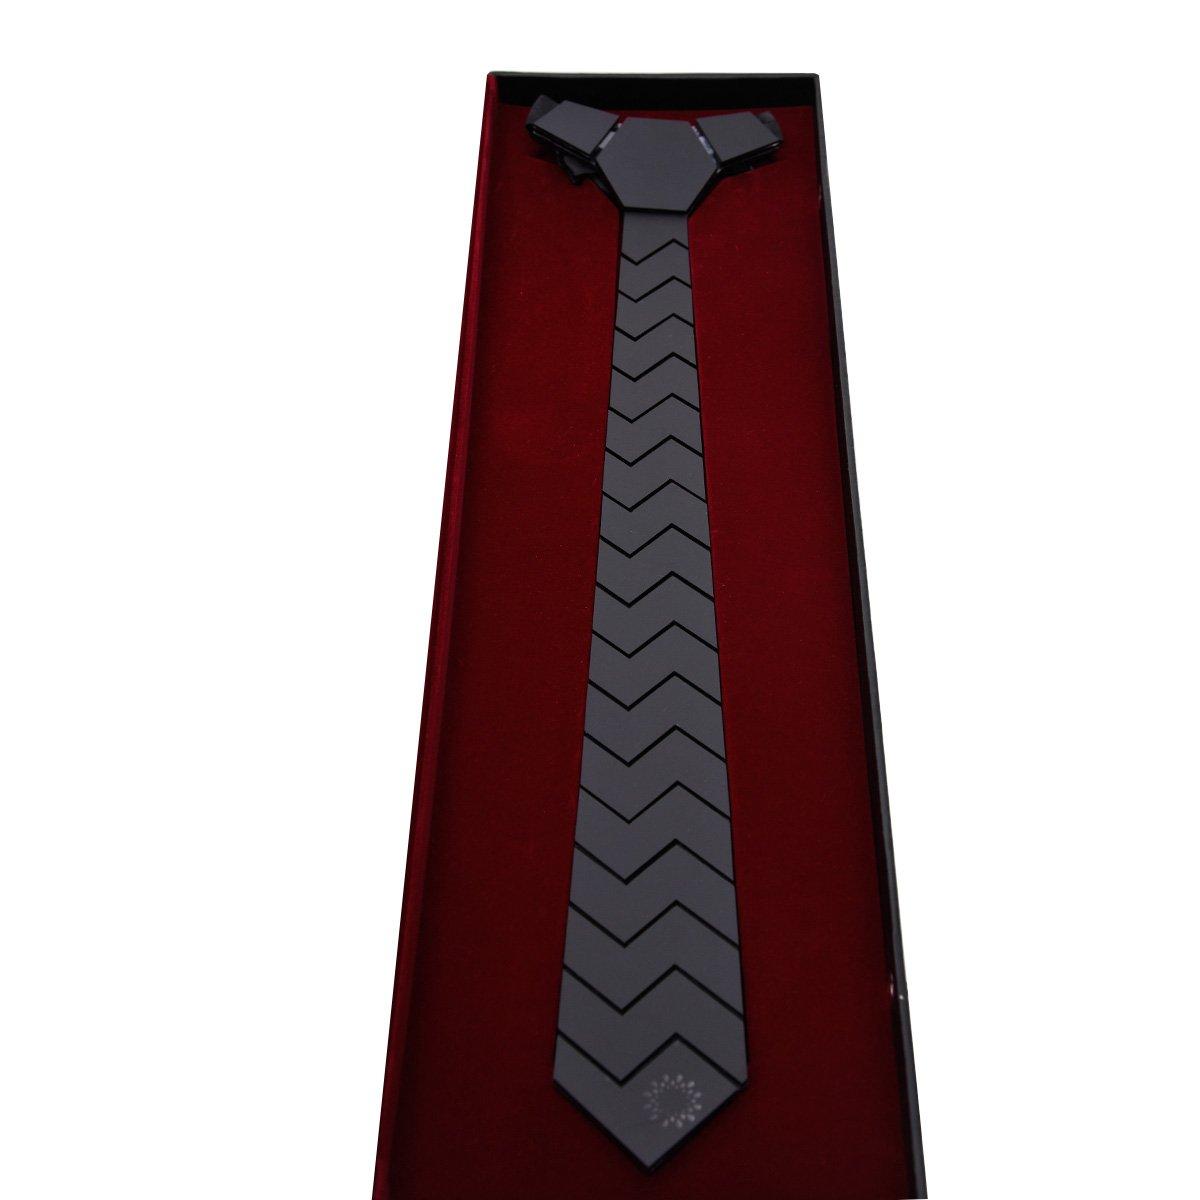 Matte Black Grand Slant Tech Tie